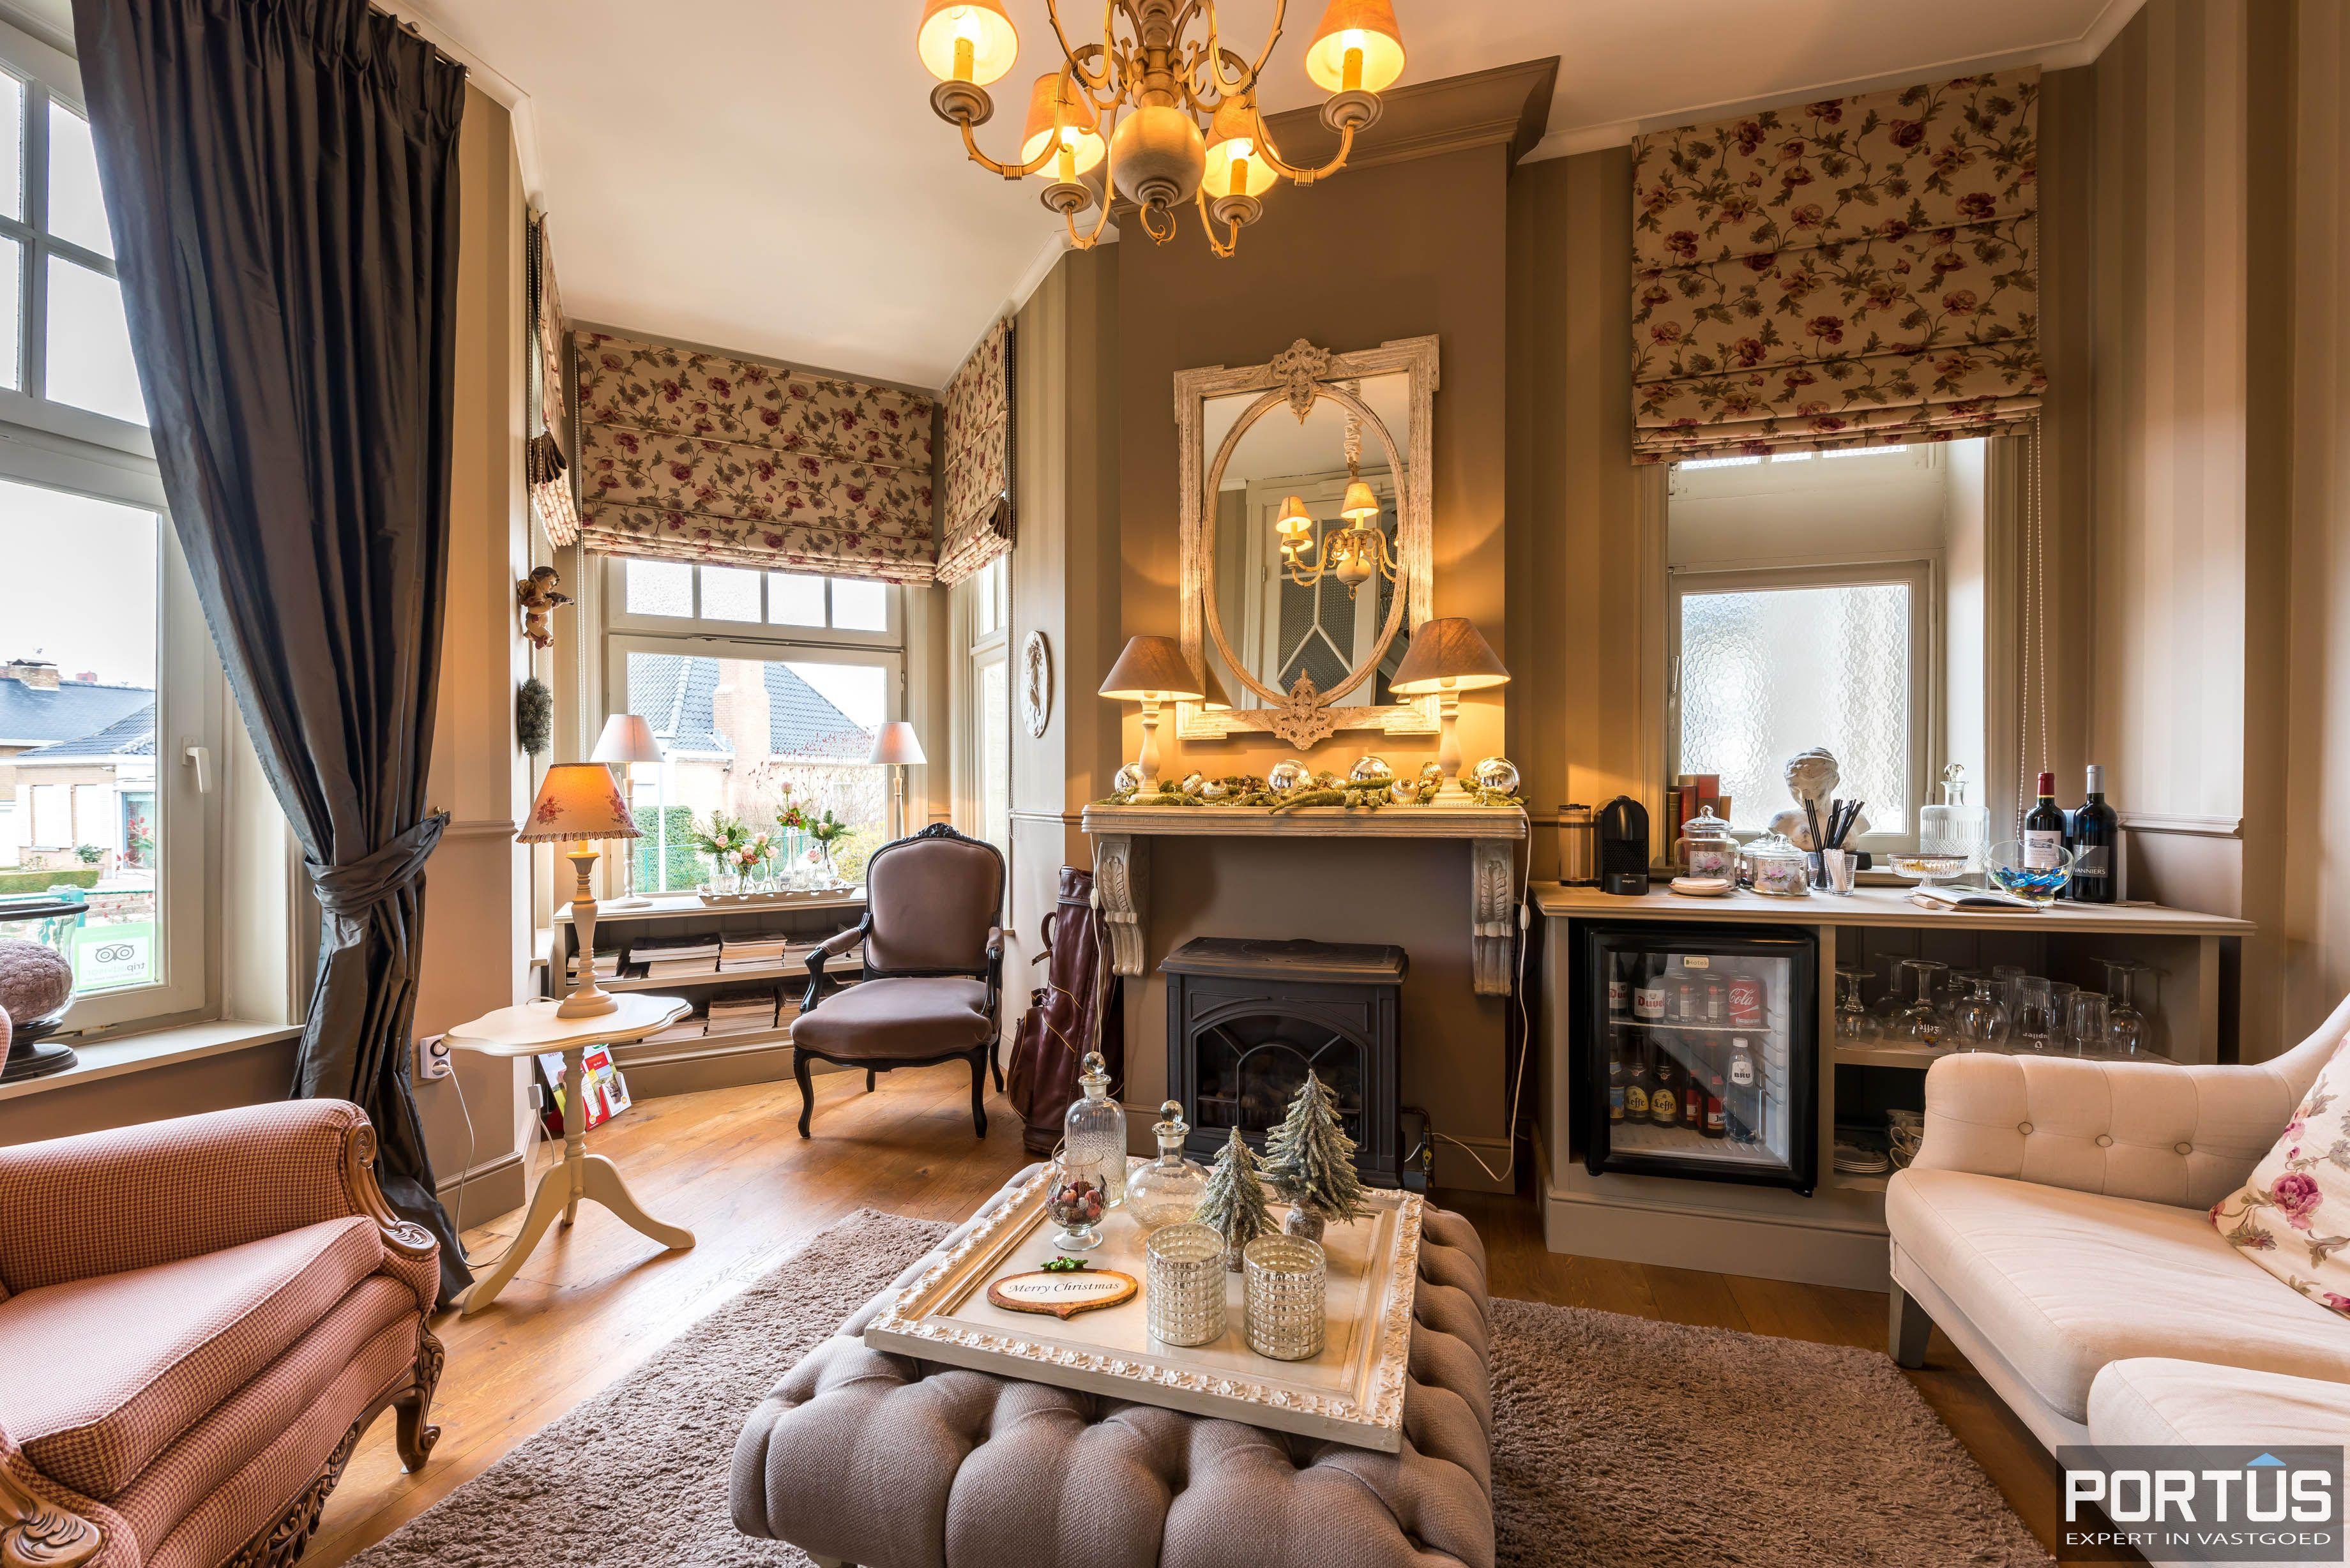 Villa/B&B te koop Westende met 6 slaapkamers - 5439